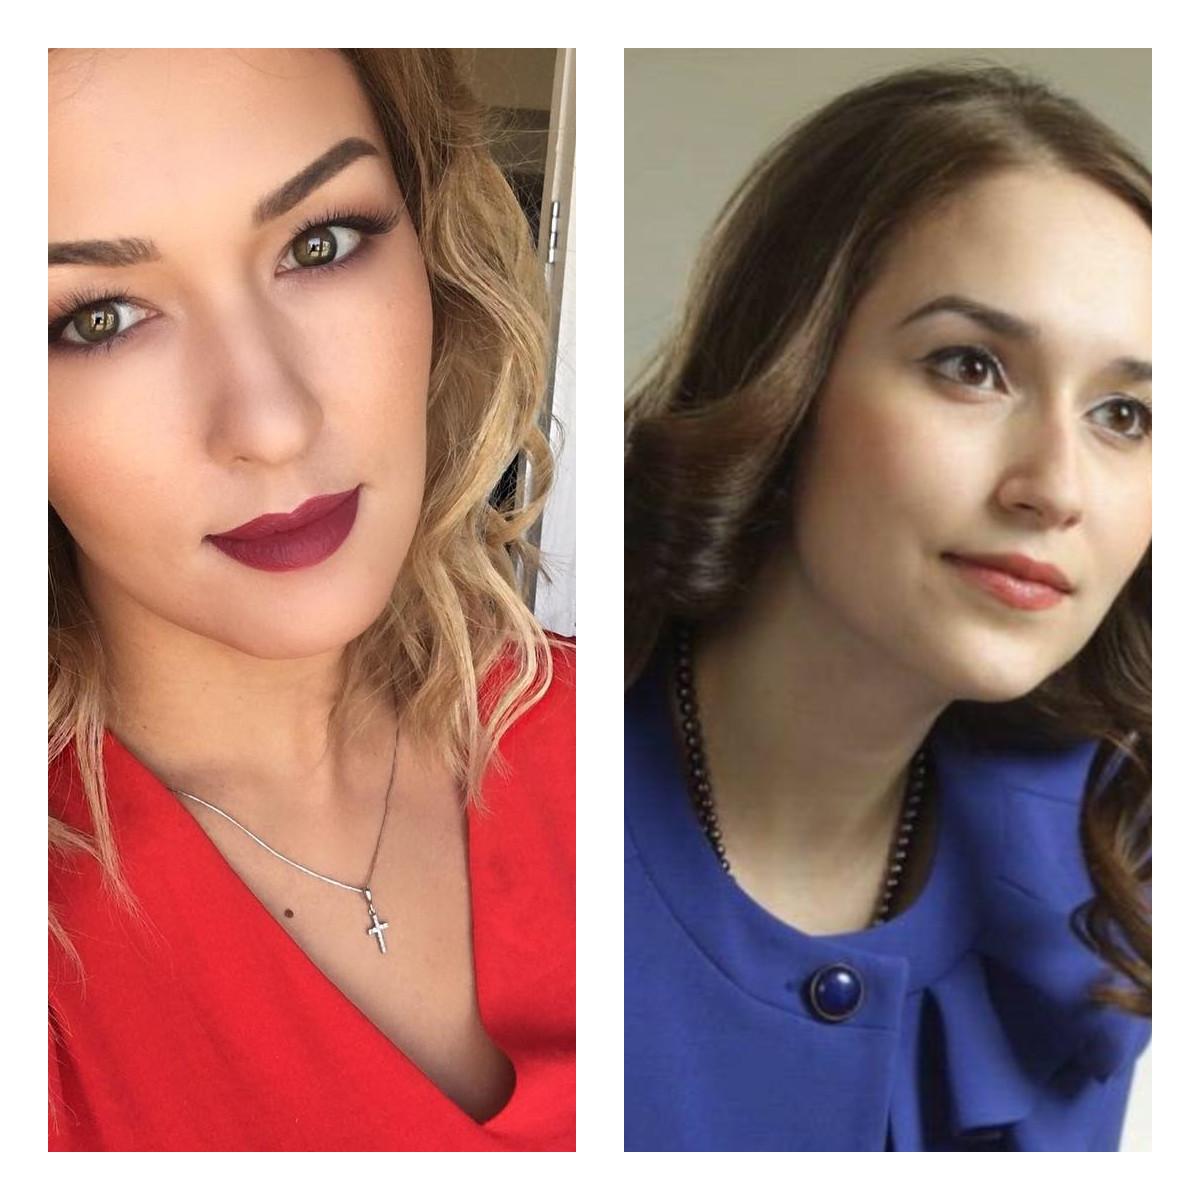 Вероника - слева, Ирина - справа